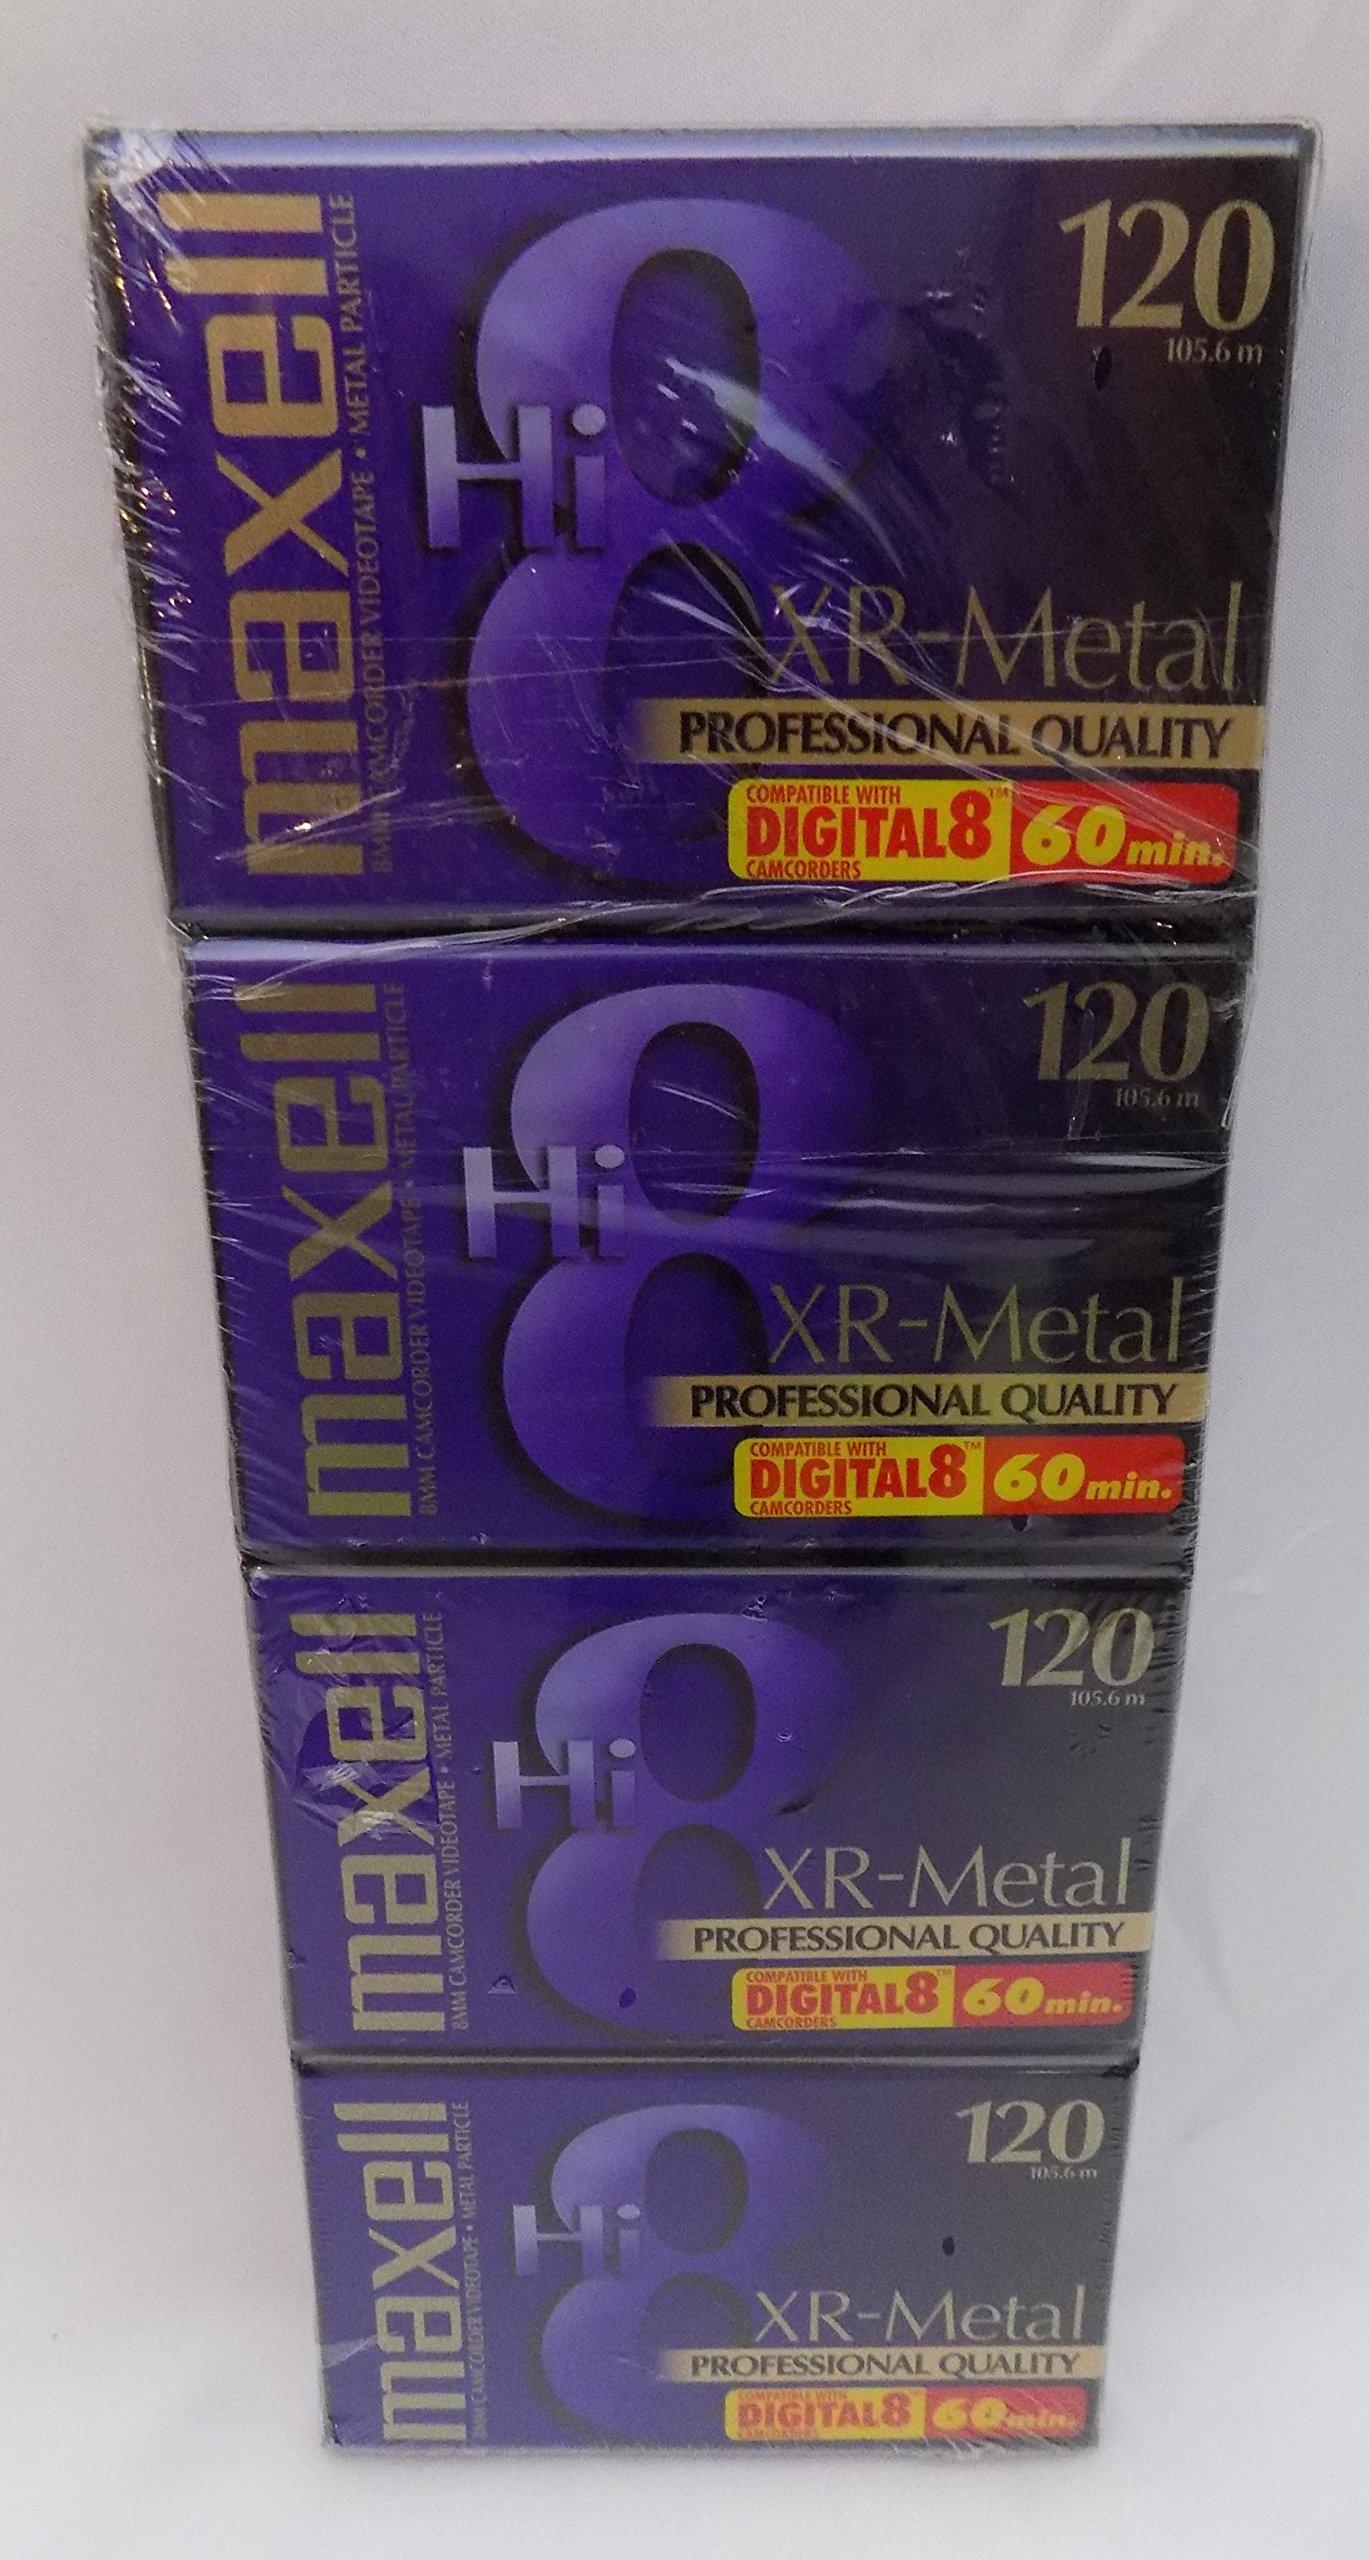 マクセルXR-メタルプロ品質のHi 8ビデオカメラのビデオテープ4パック